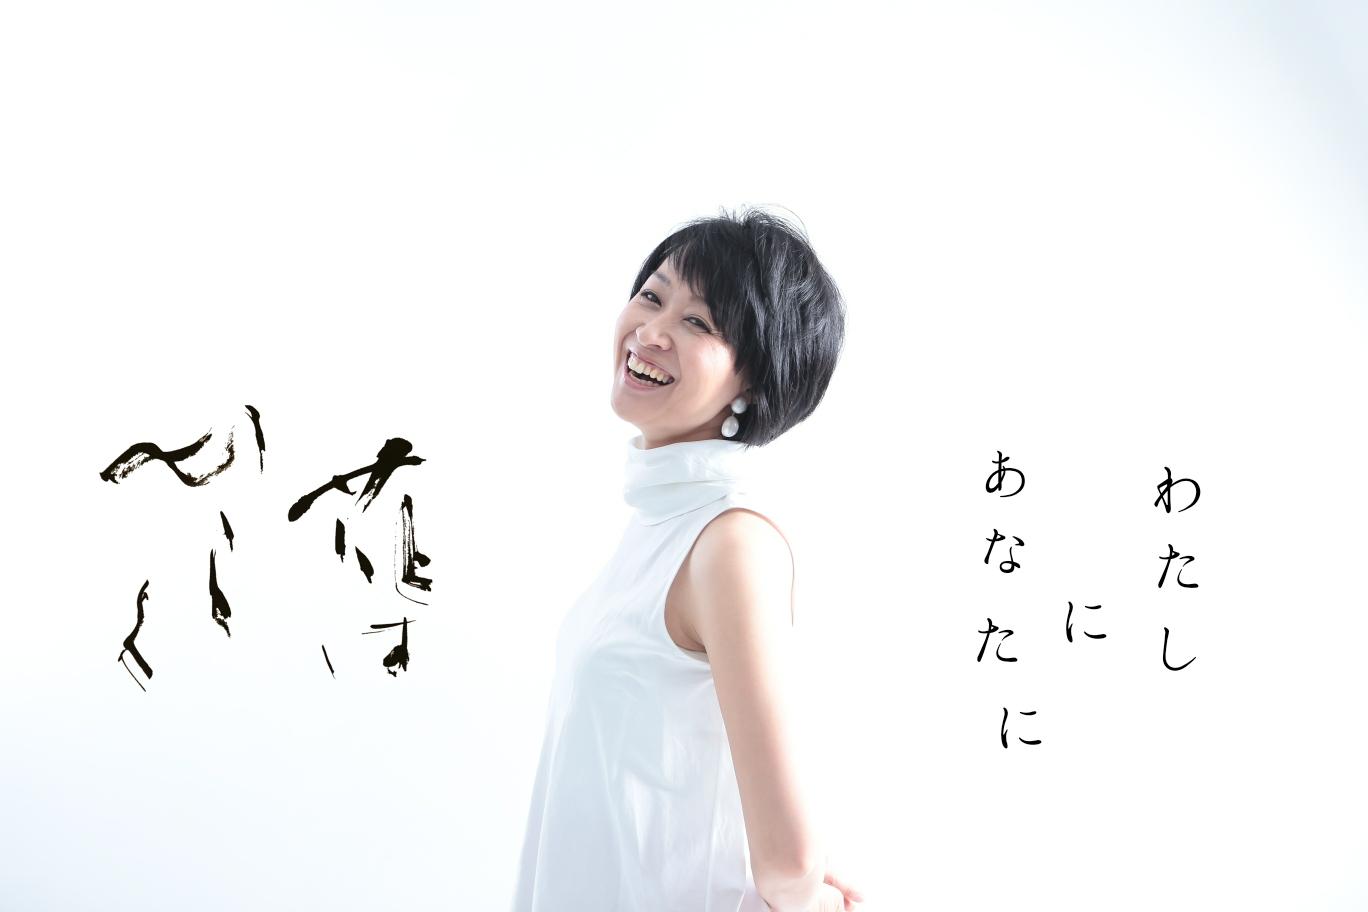 個展開催 東京・兵庫